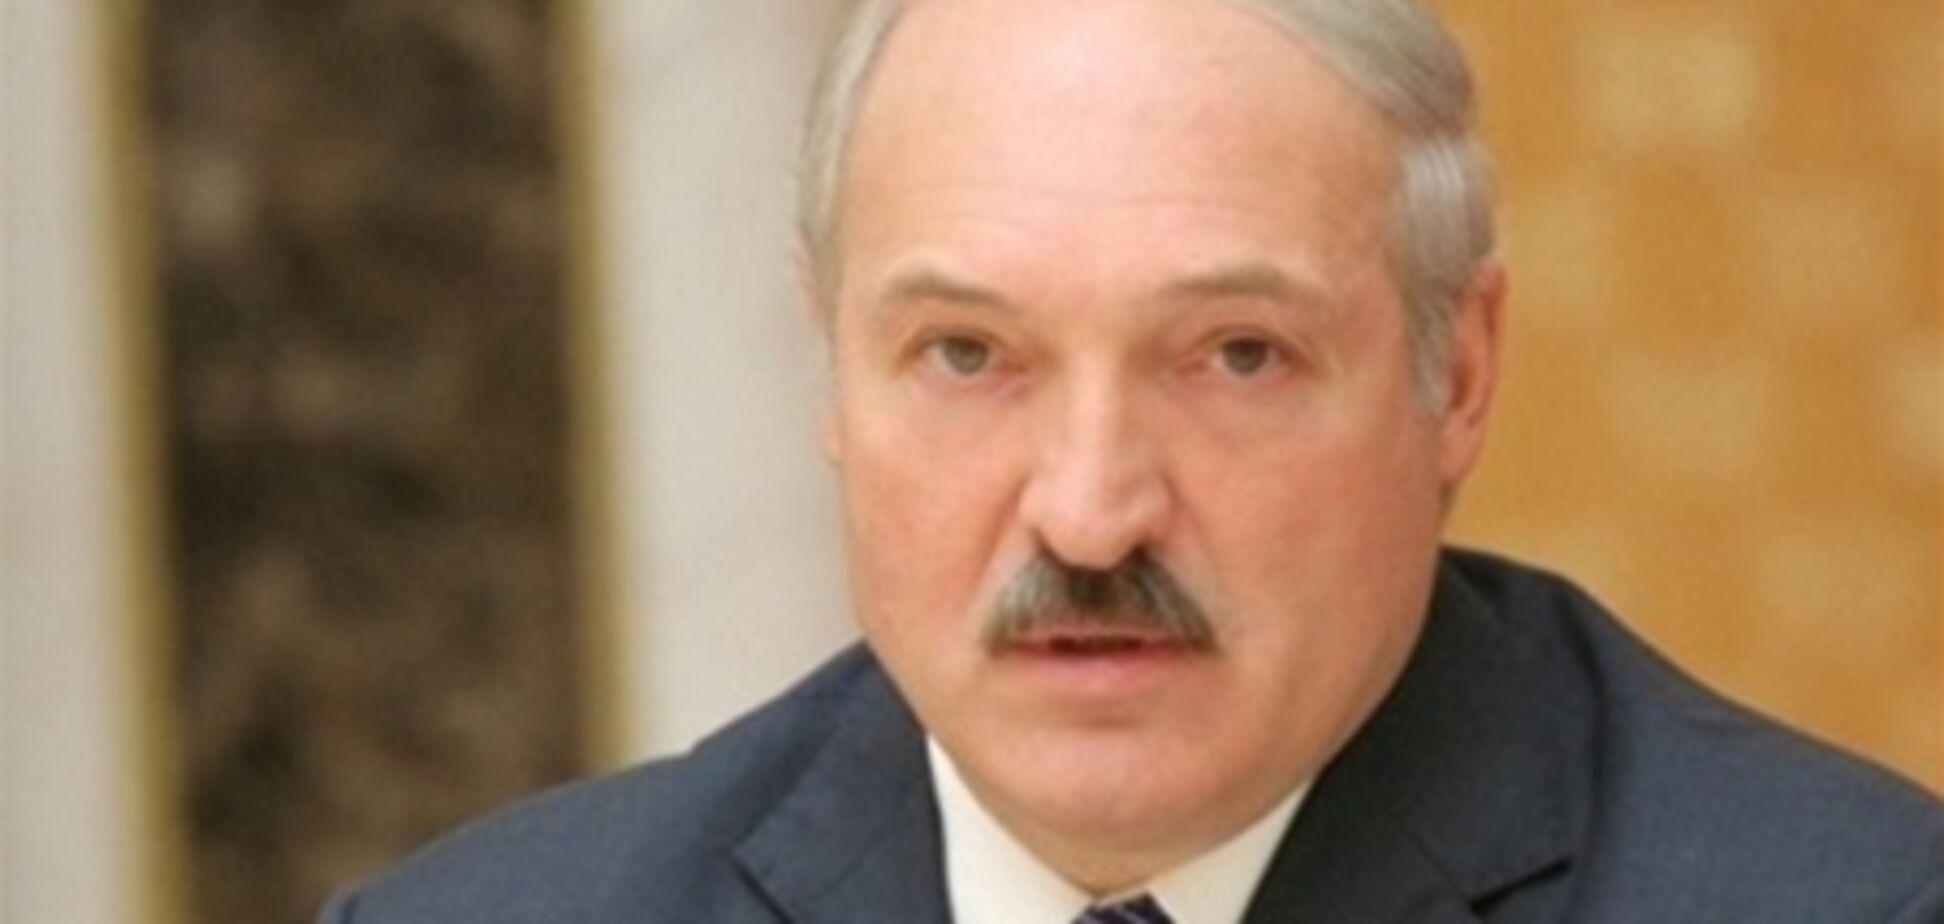 К 2015 году страны ТС снимут все тарифные ограничения - Лукашенко